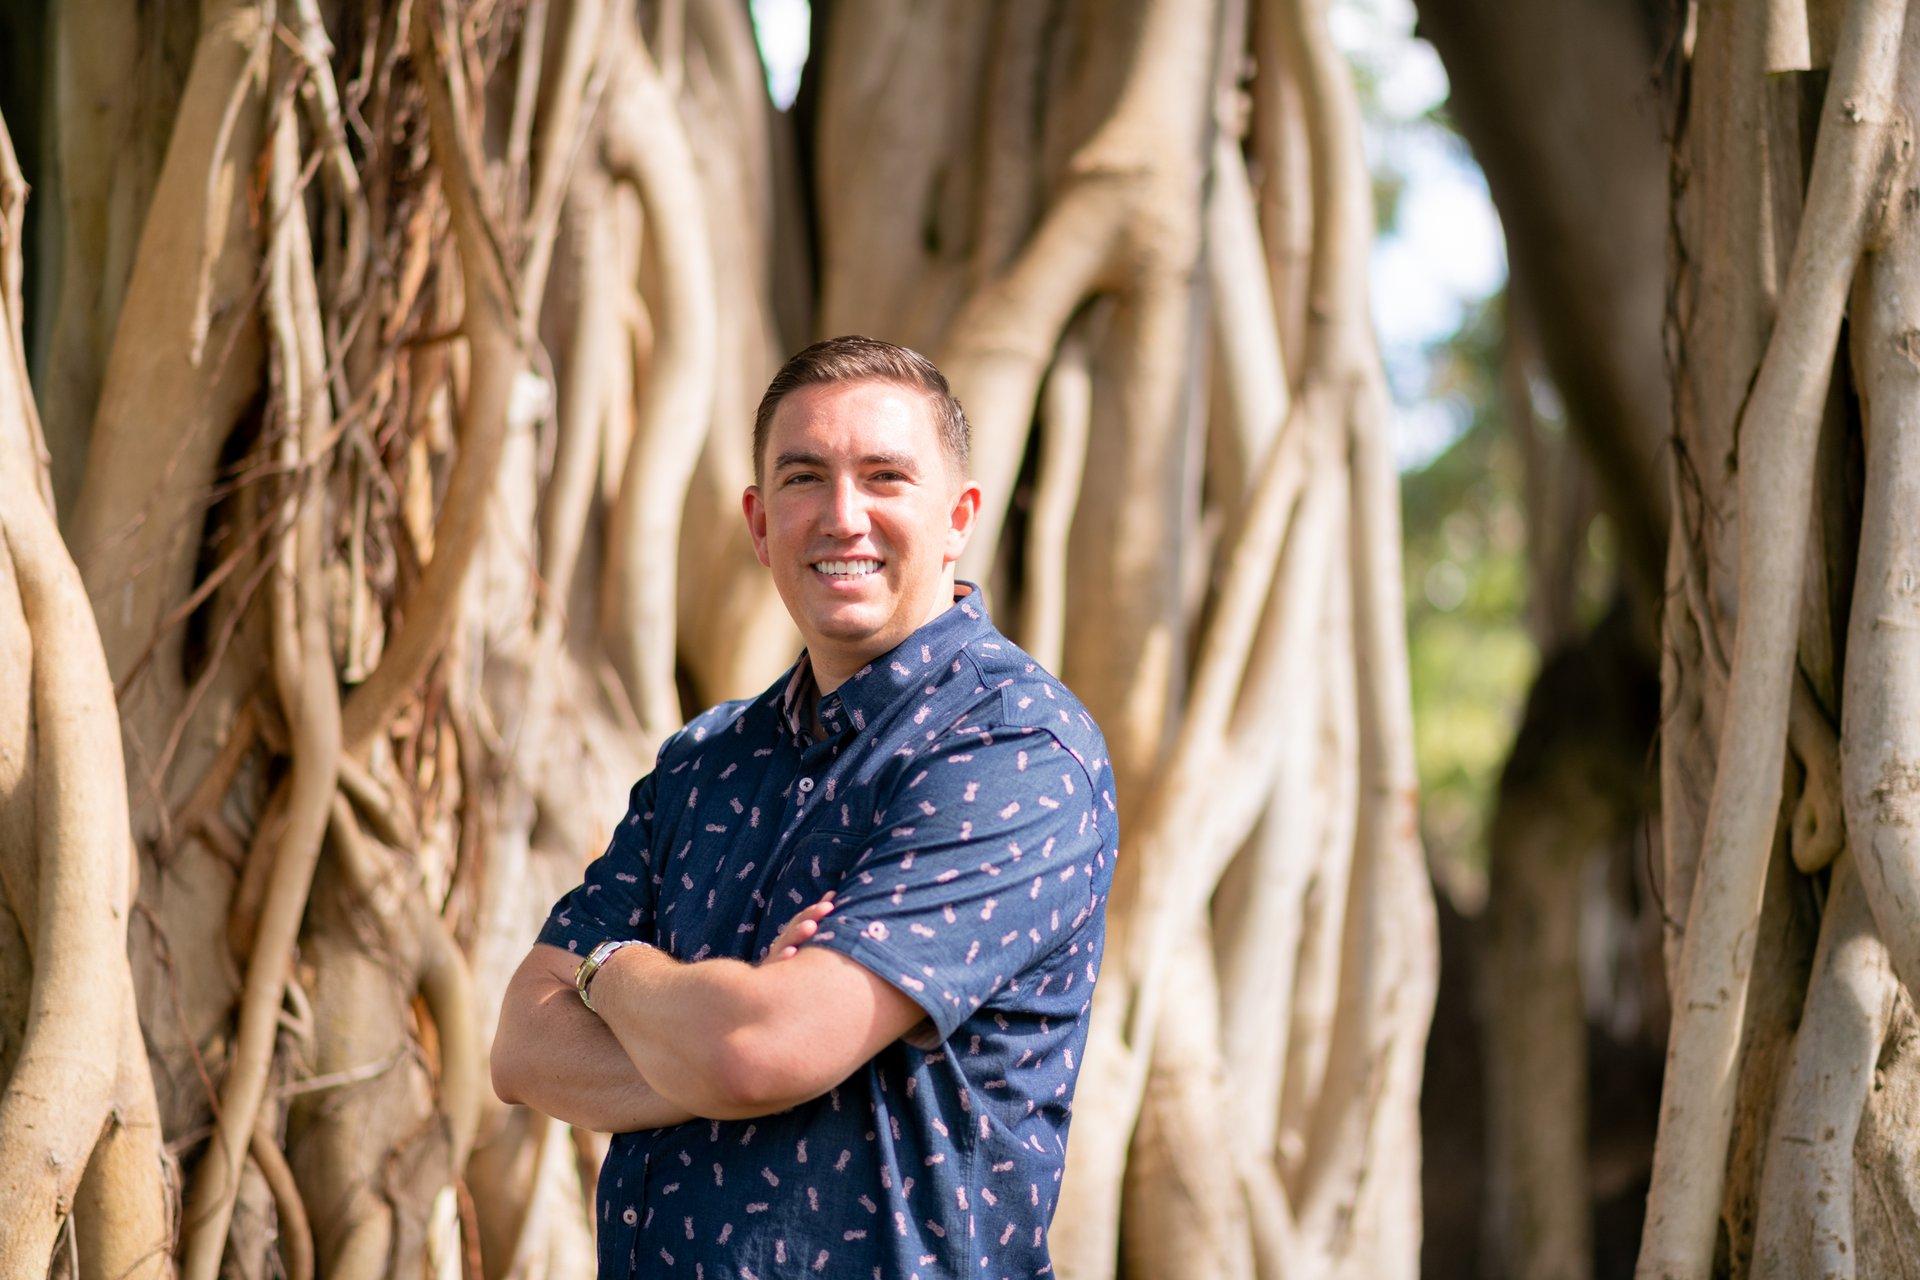 Flytographer Travel Story - Oahu, Hawaii 2021